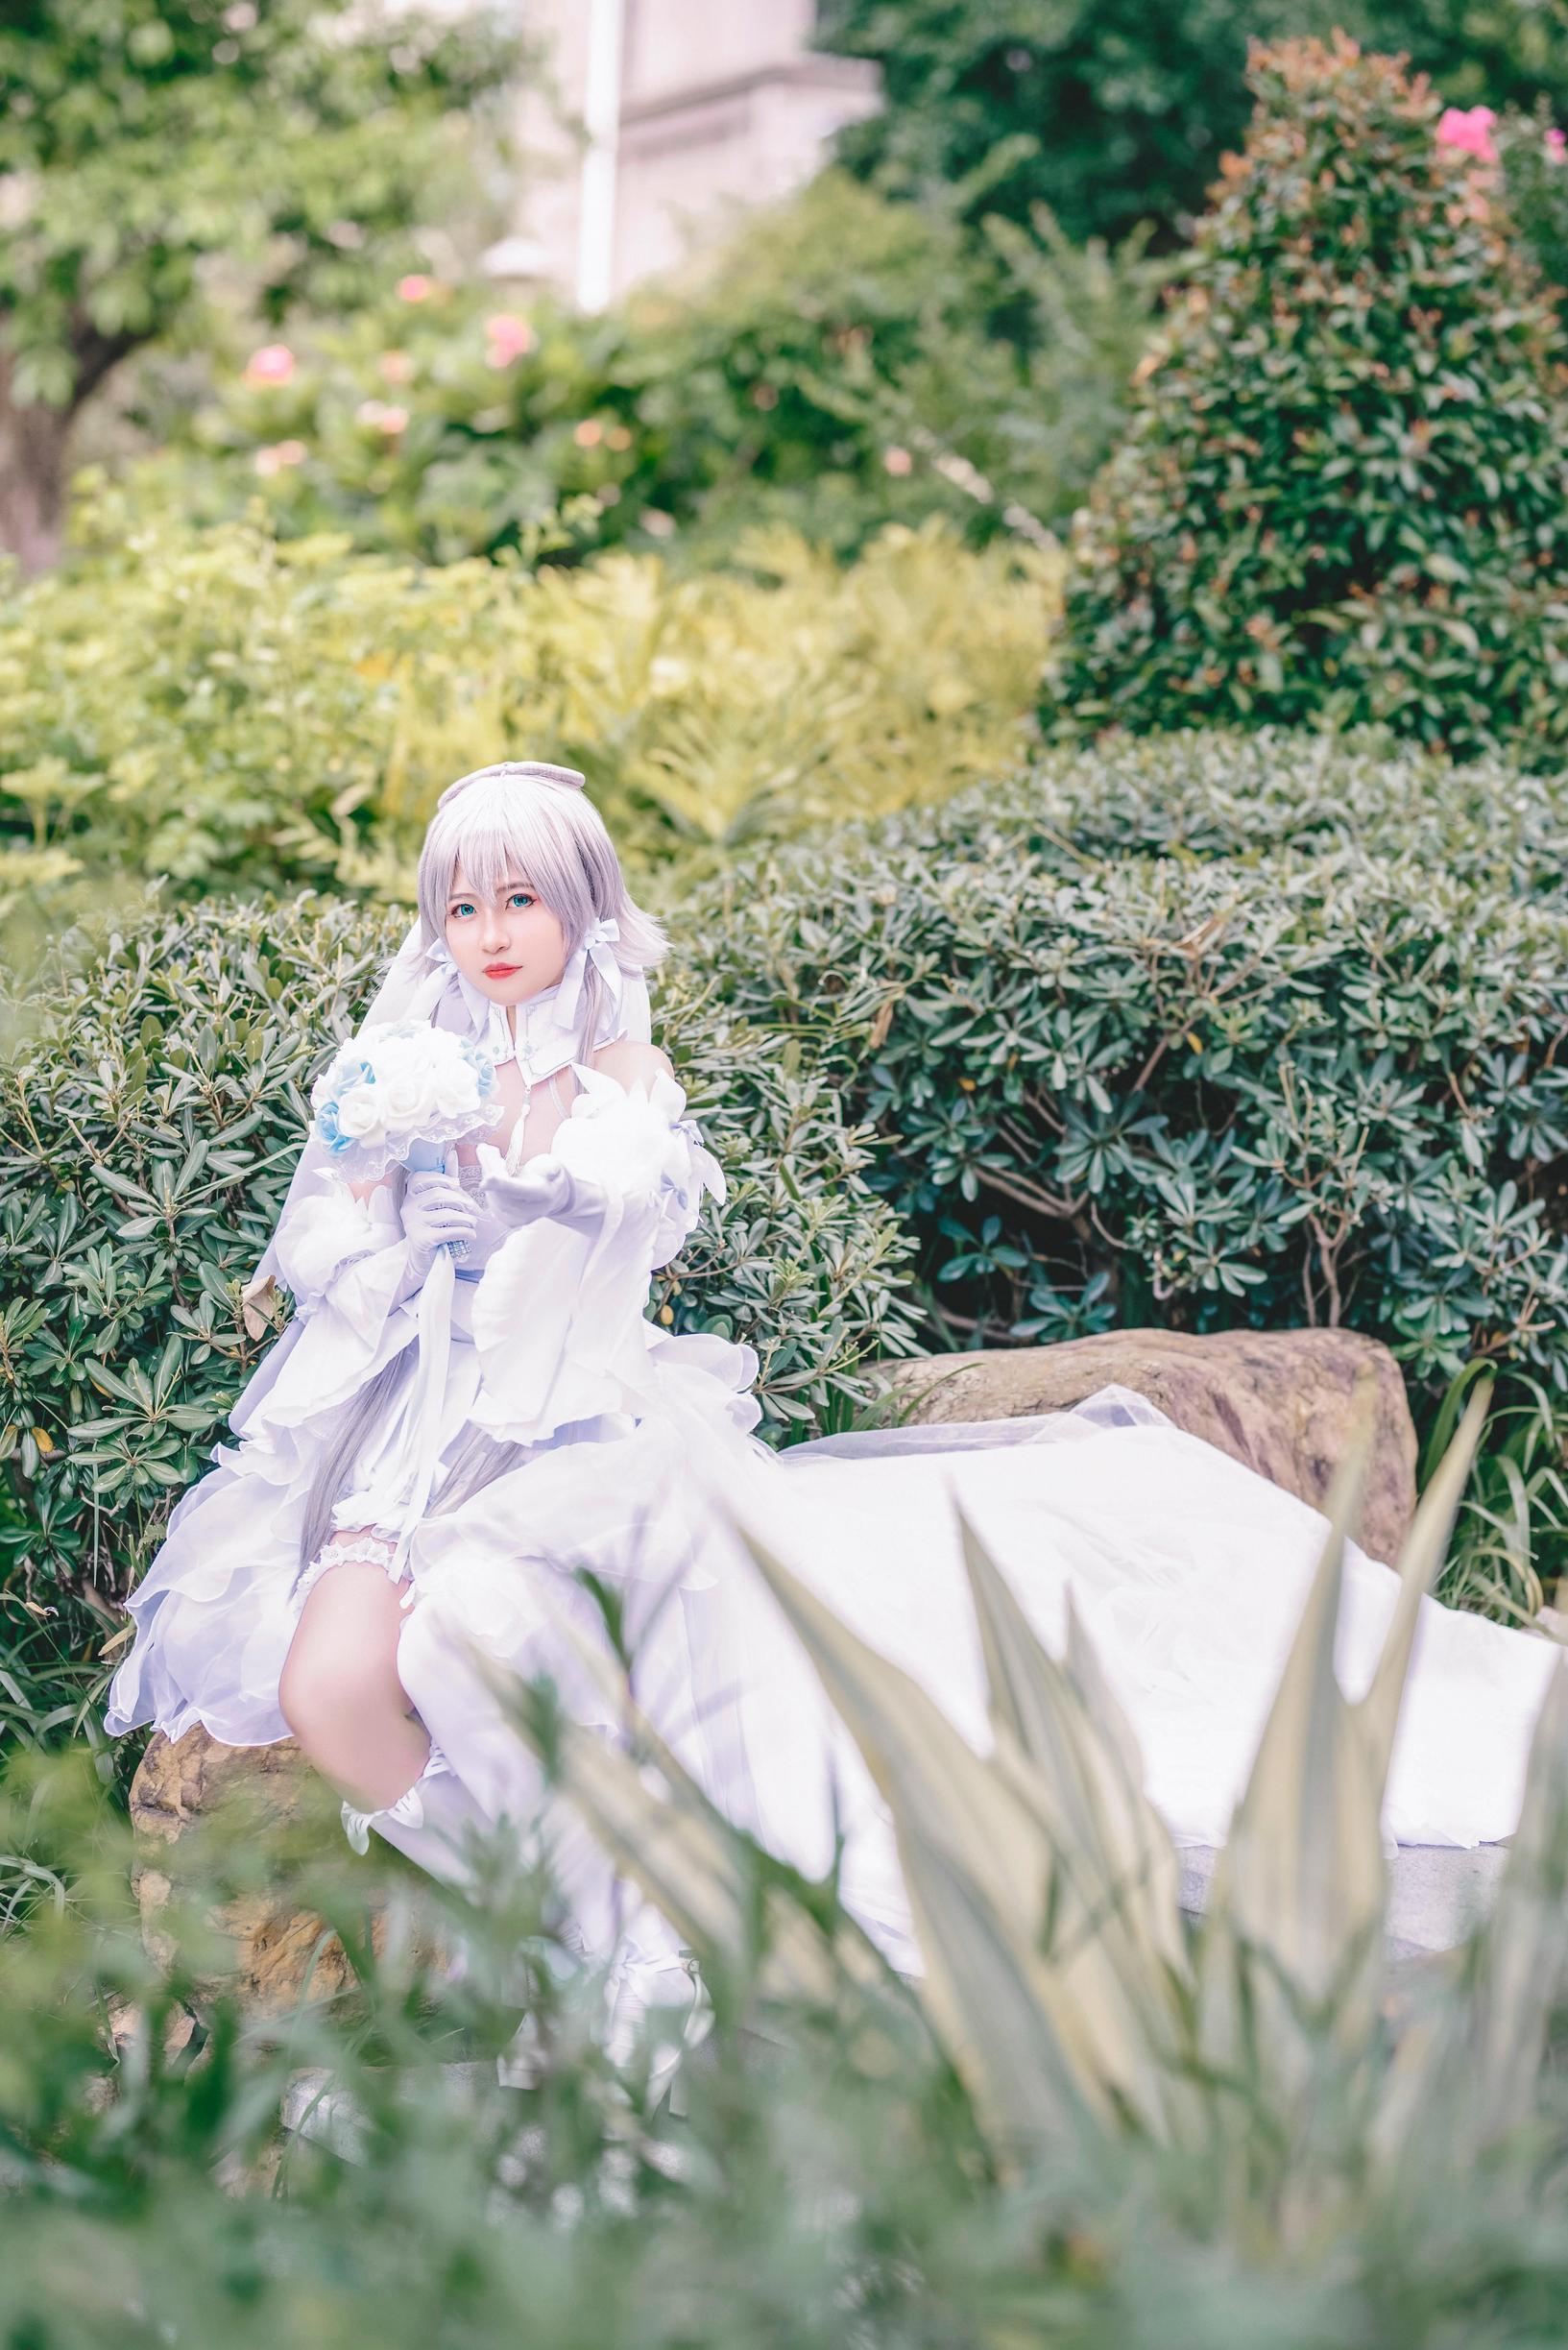 正片cosplay【CN:殊途233】-第4张